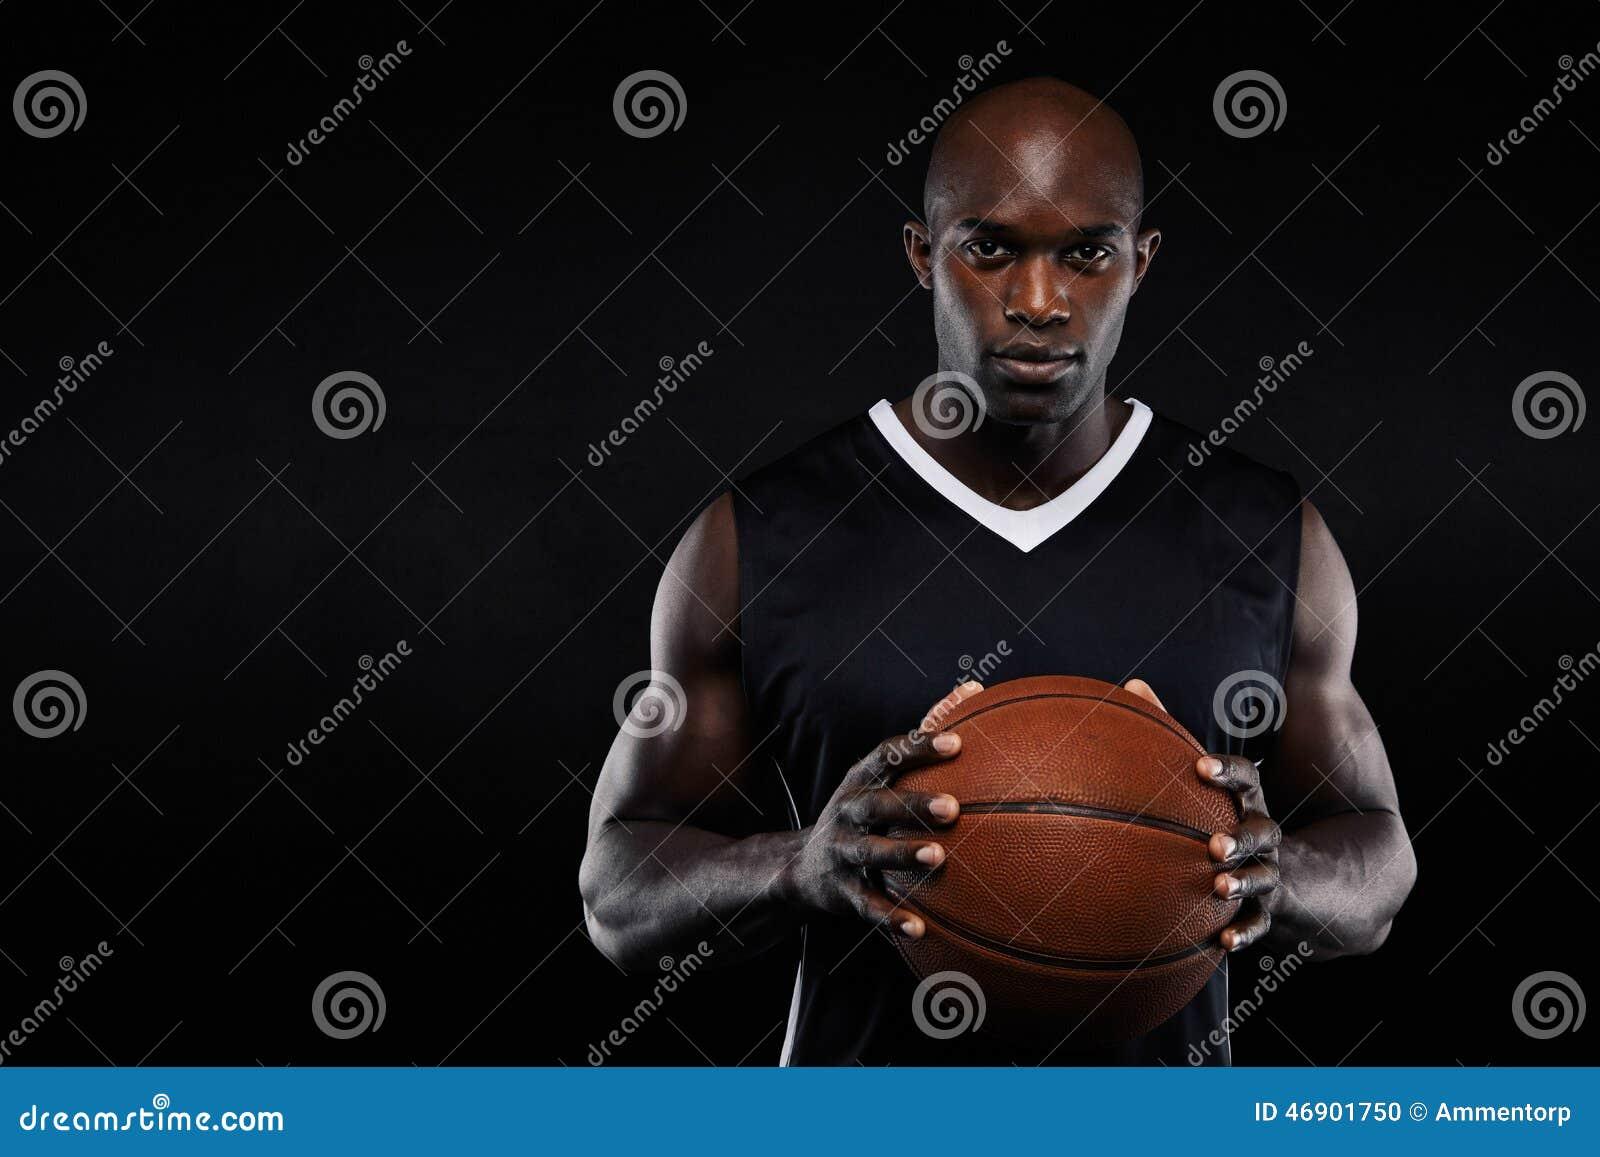 Jugador de básquet africano profesional